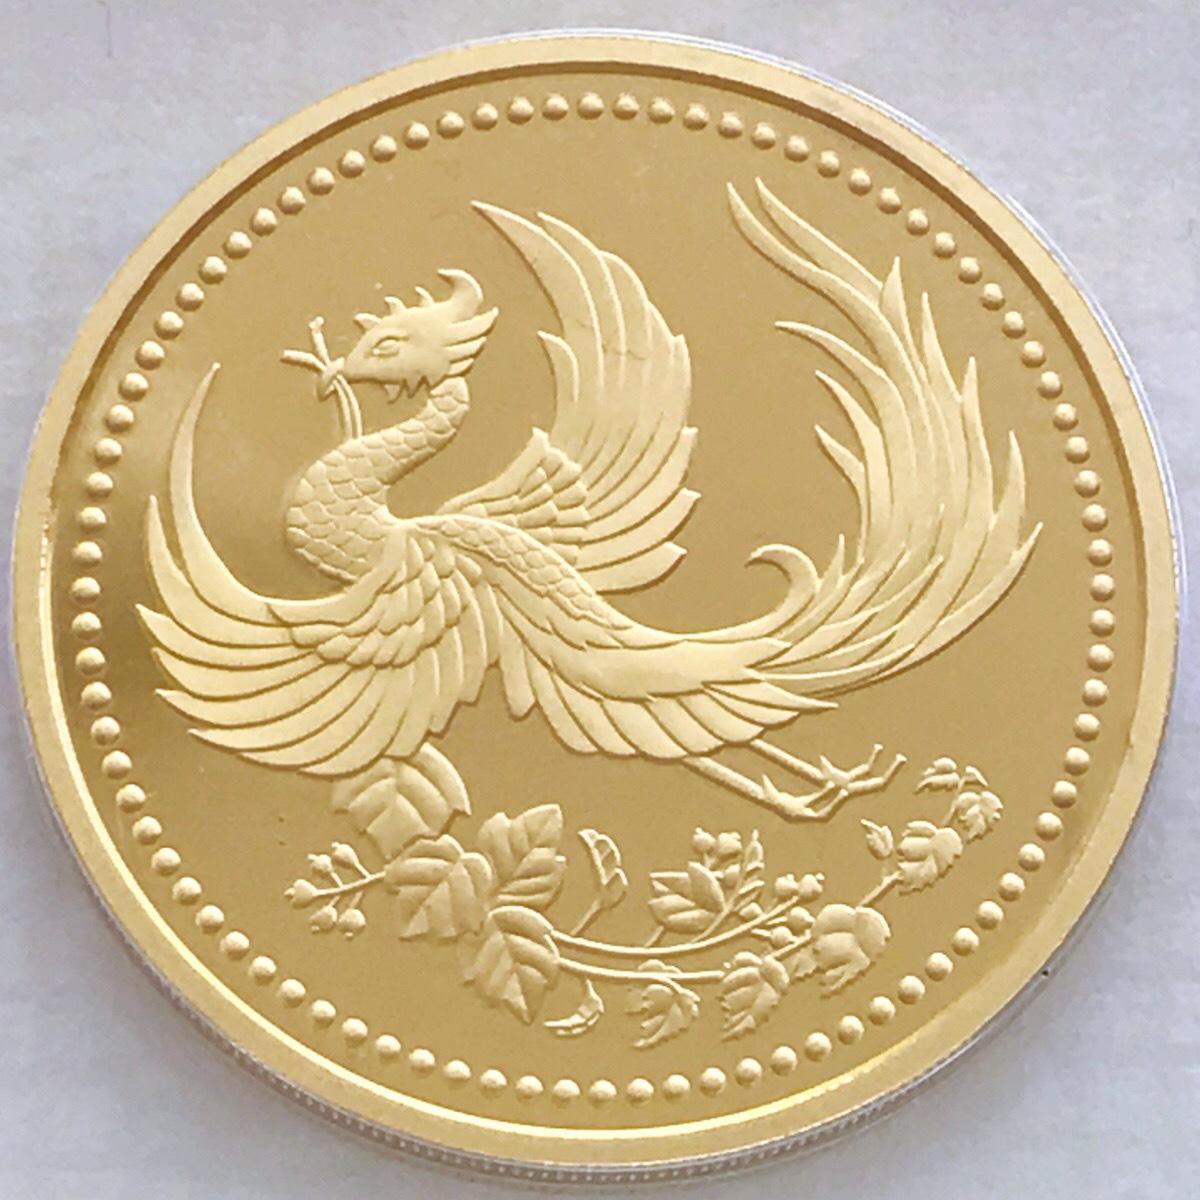 天皇陛下御在位10年記念 ◆ 1万円金貨 500円白銅貨 ◆ プルーフ 貨幣セット ◆ 平成11年 箱・ケース付き K24 純金 _画像4